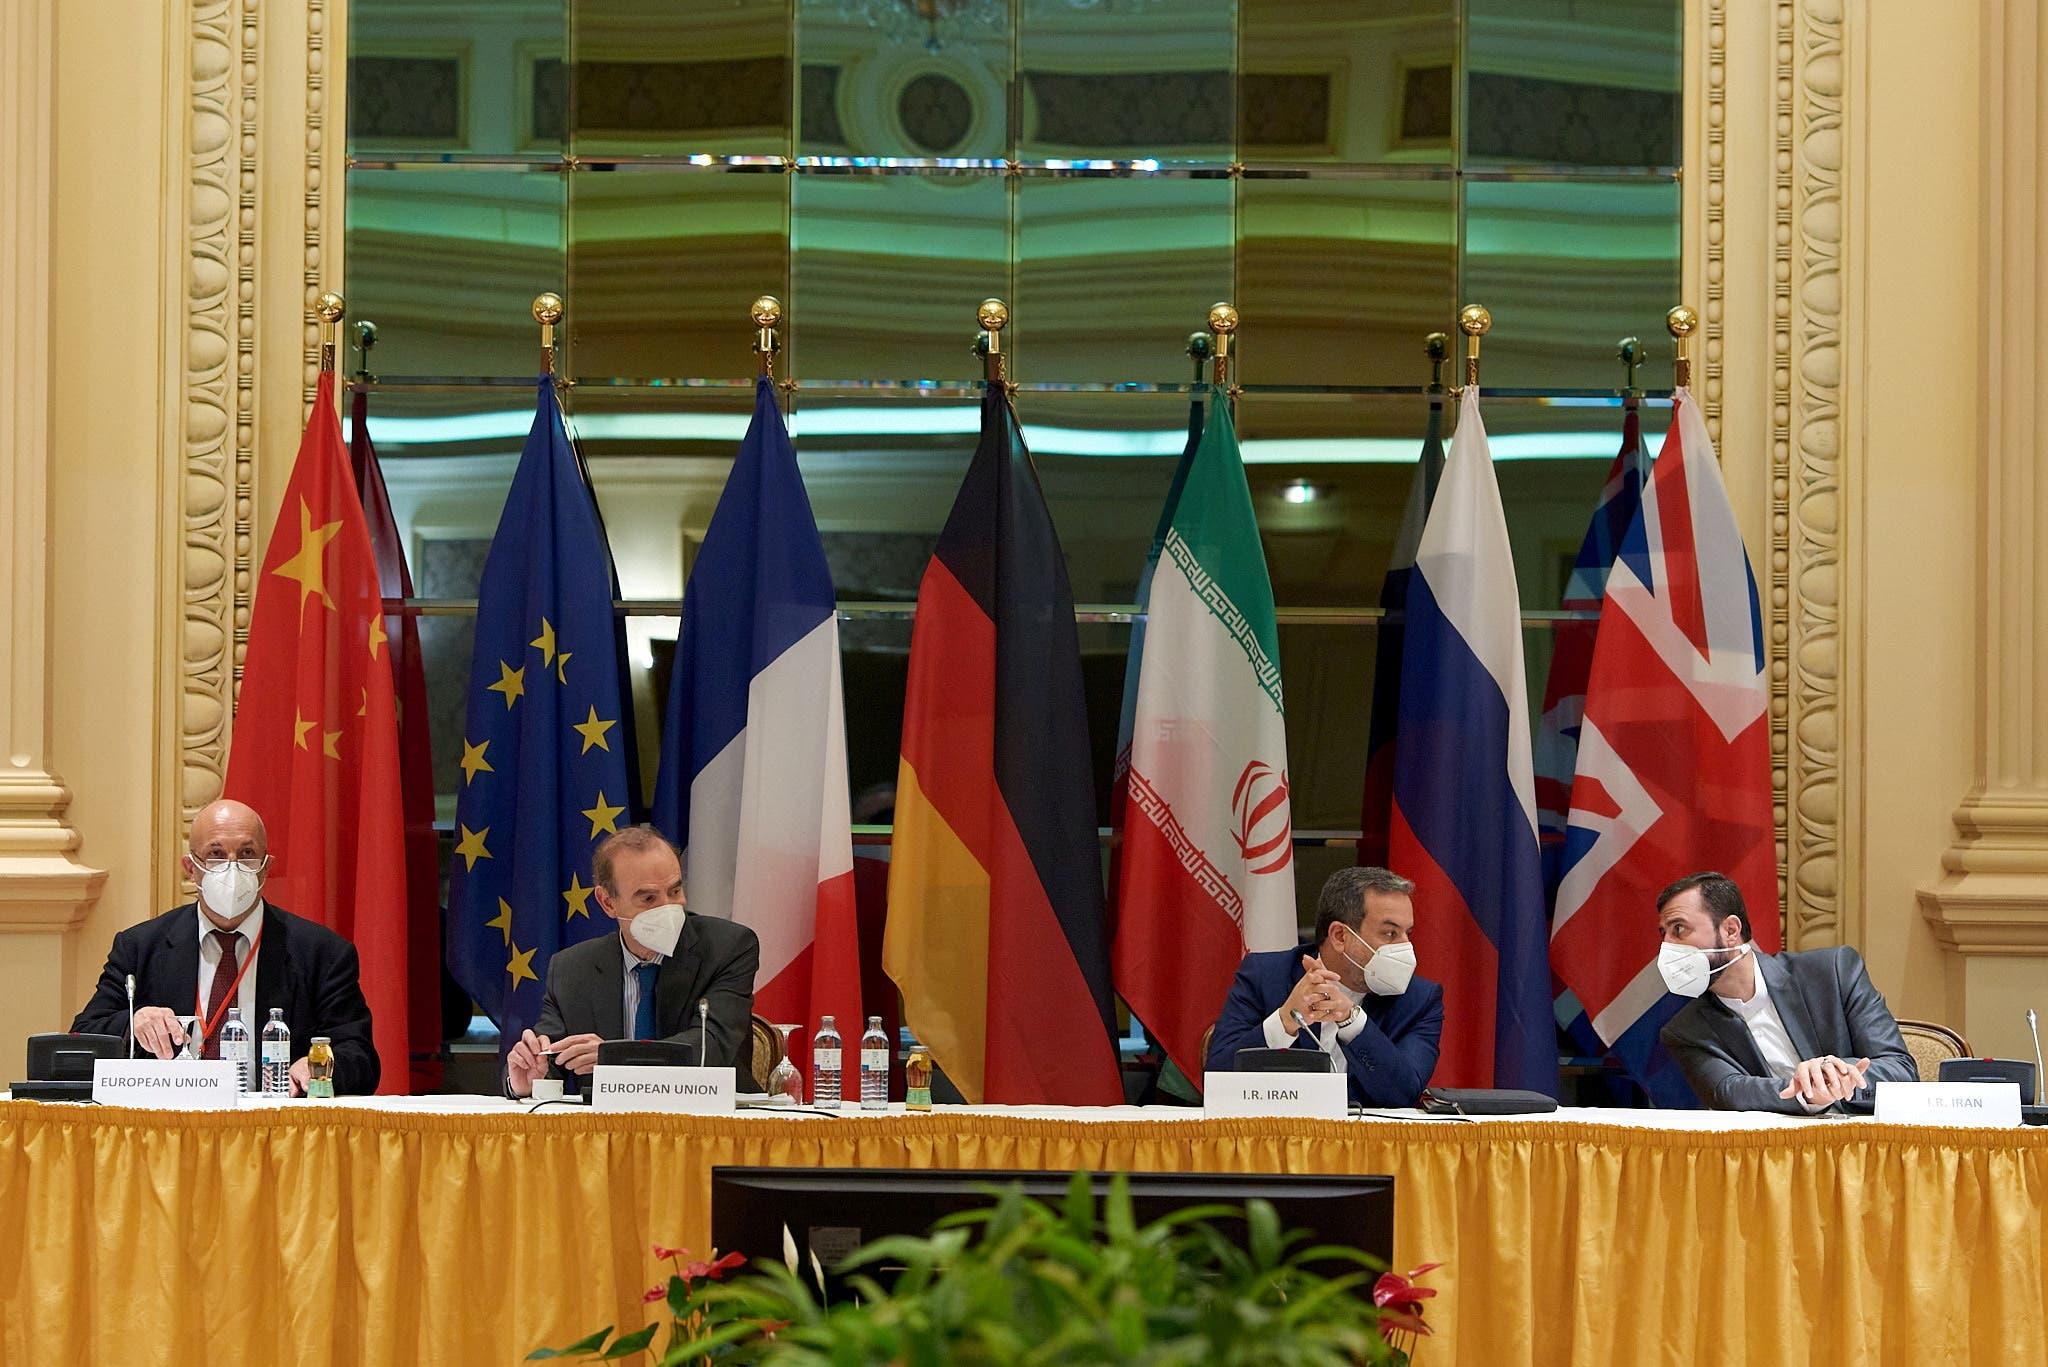 اجتماع اللجنة المشتركة لخطة العمل المشتركة الشاملة في فيينا يوم 1 مايو (رويترز)